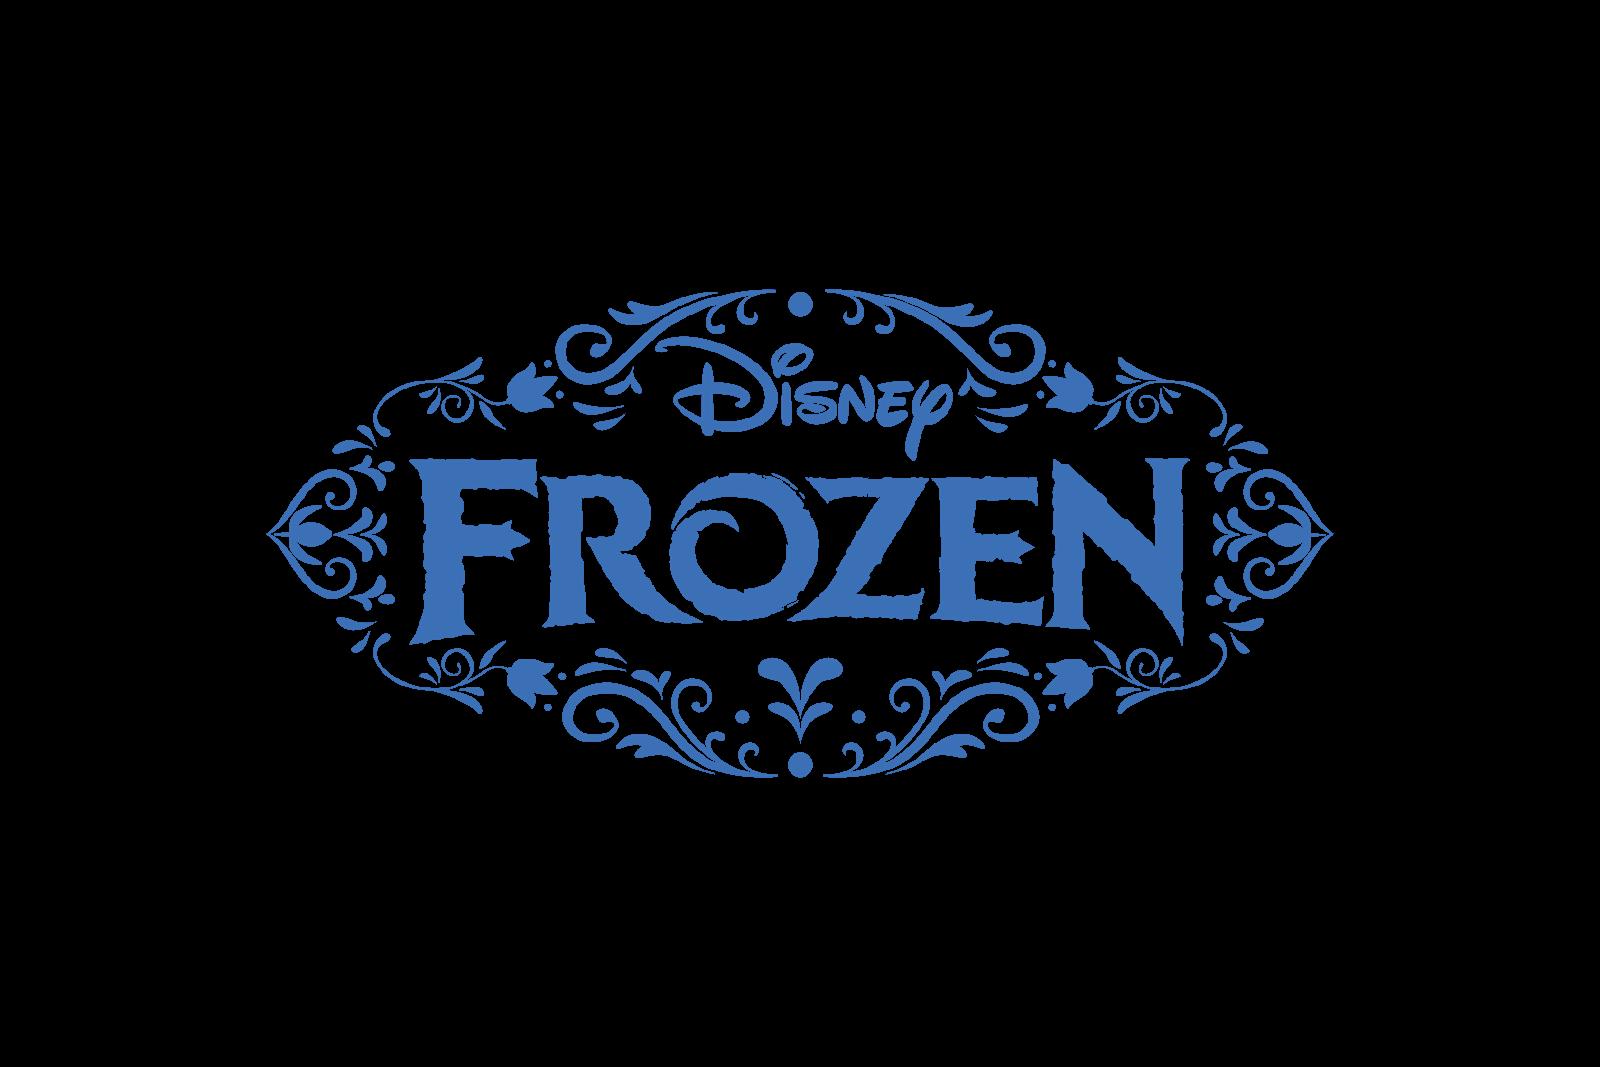 The frozen cartoon download